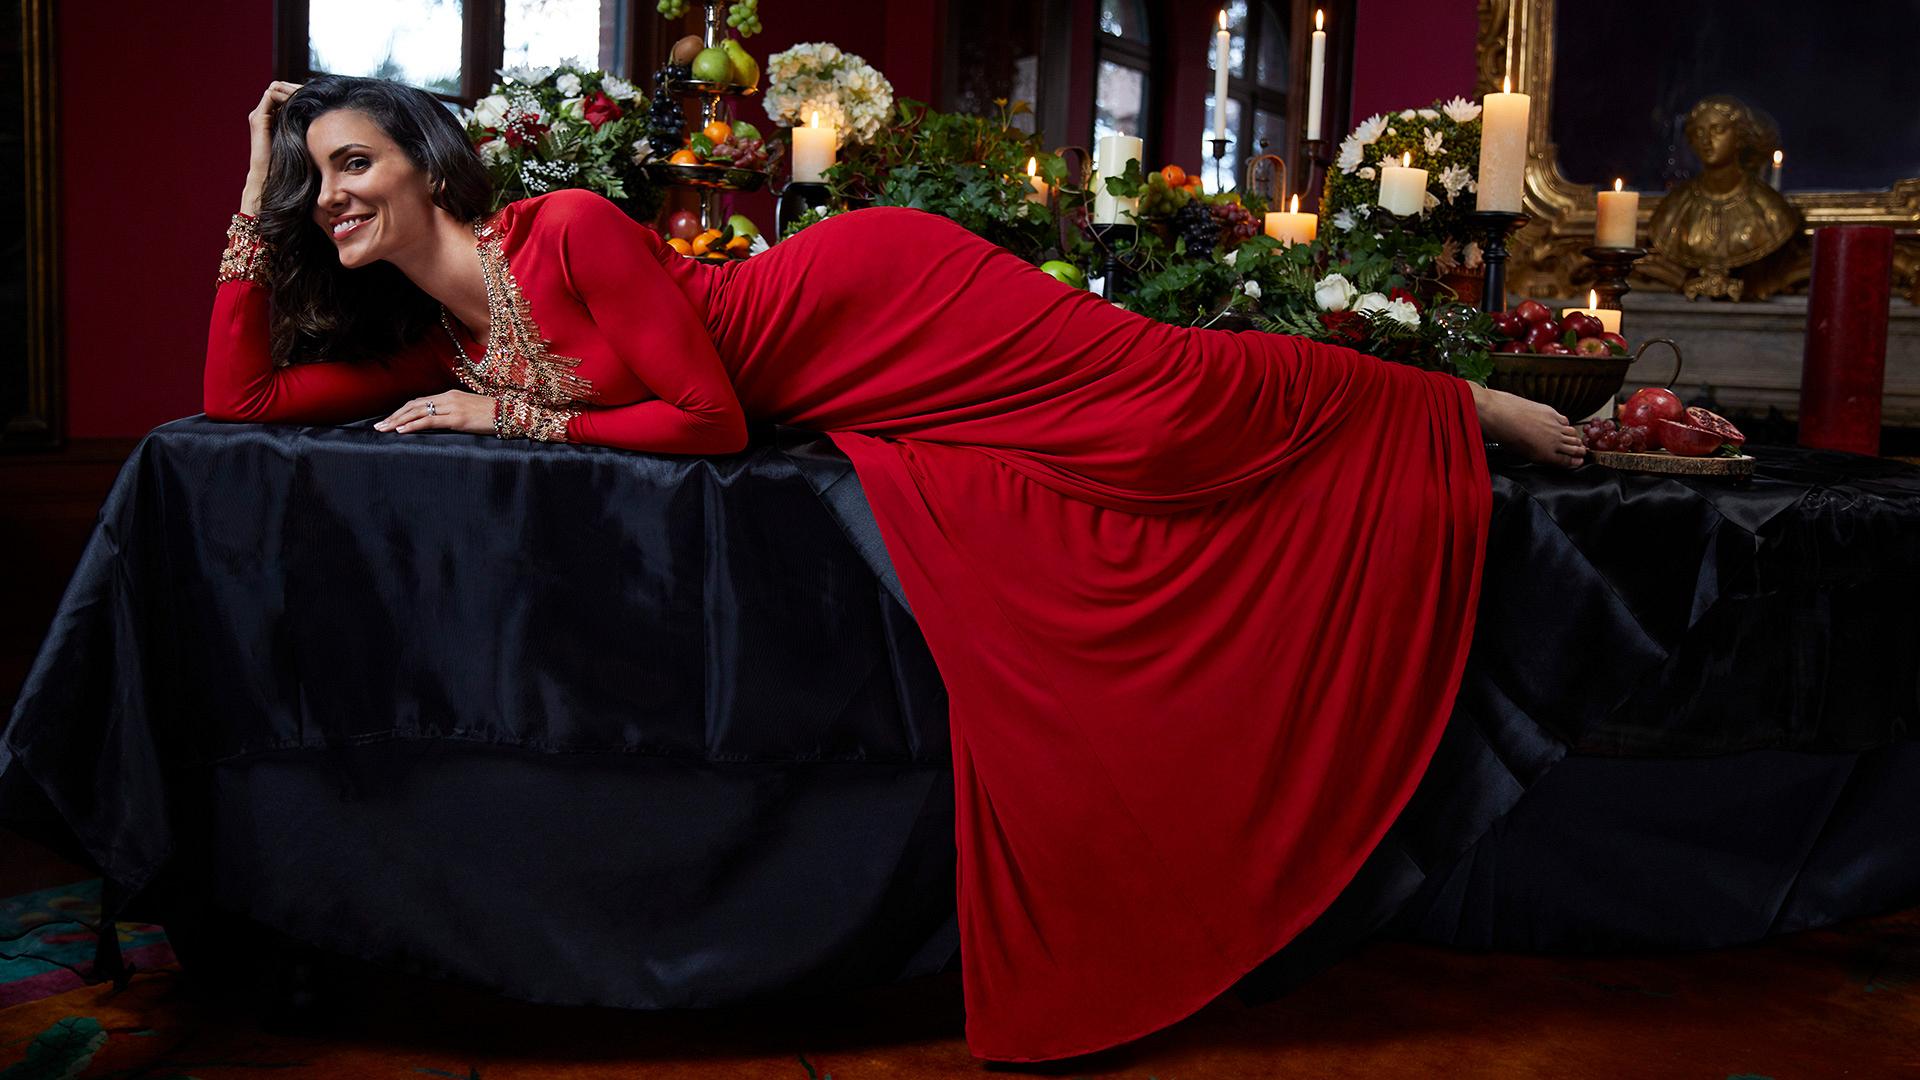 Take a festive cue from fa la la la la fa-bu-lous Daniela Ruah!